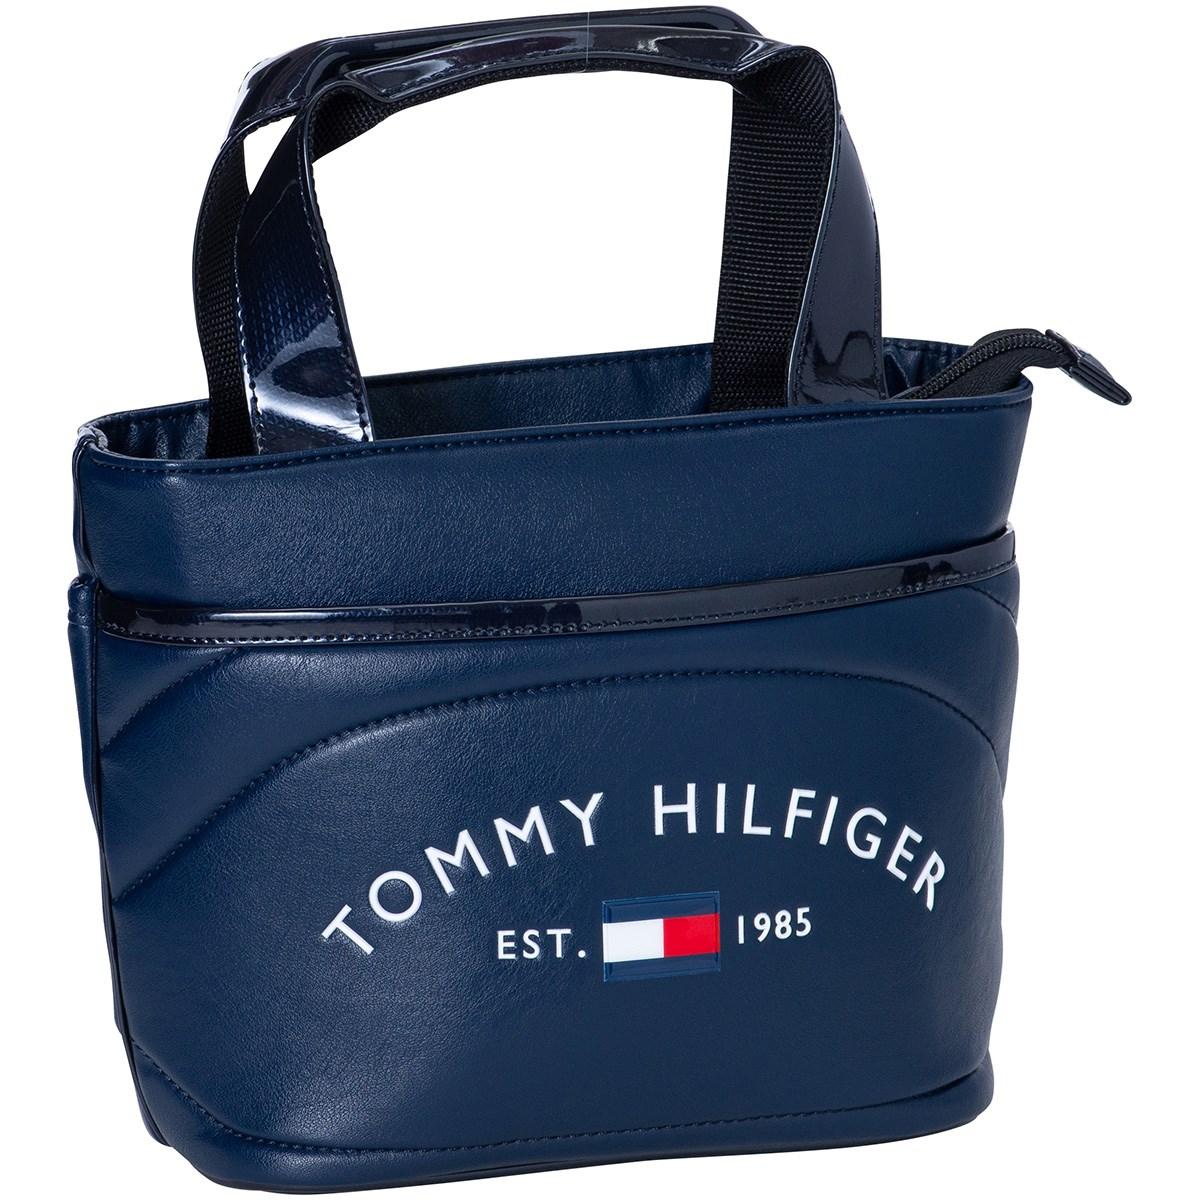 トミー ヒルフィガー ゴルフ TOMMY HILFIGER GOLF ラウンドロゴラウンドバッグ ネイビー 30